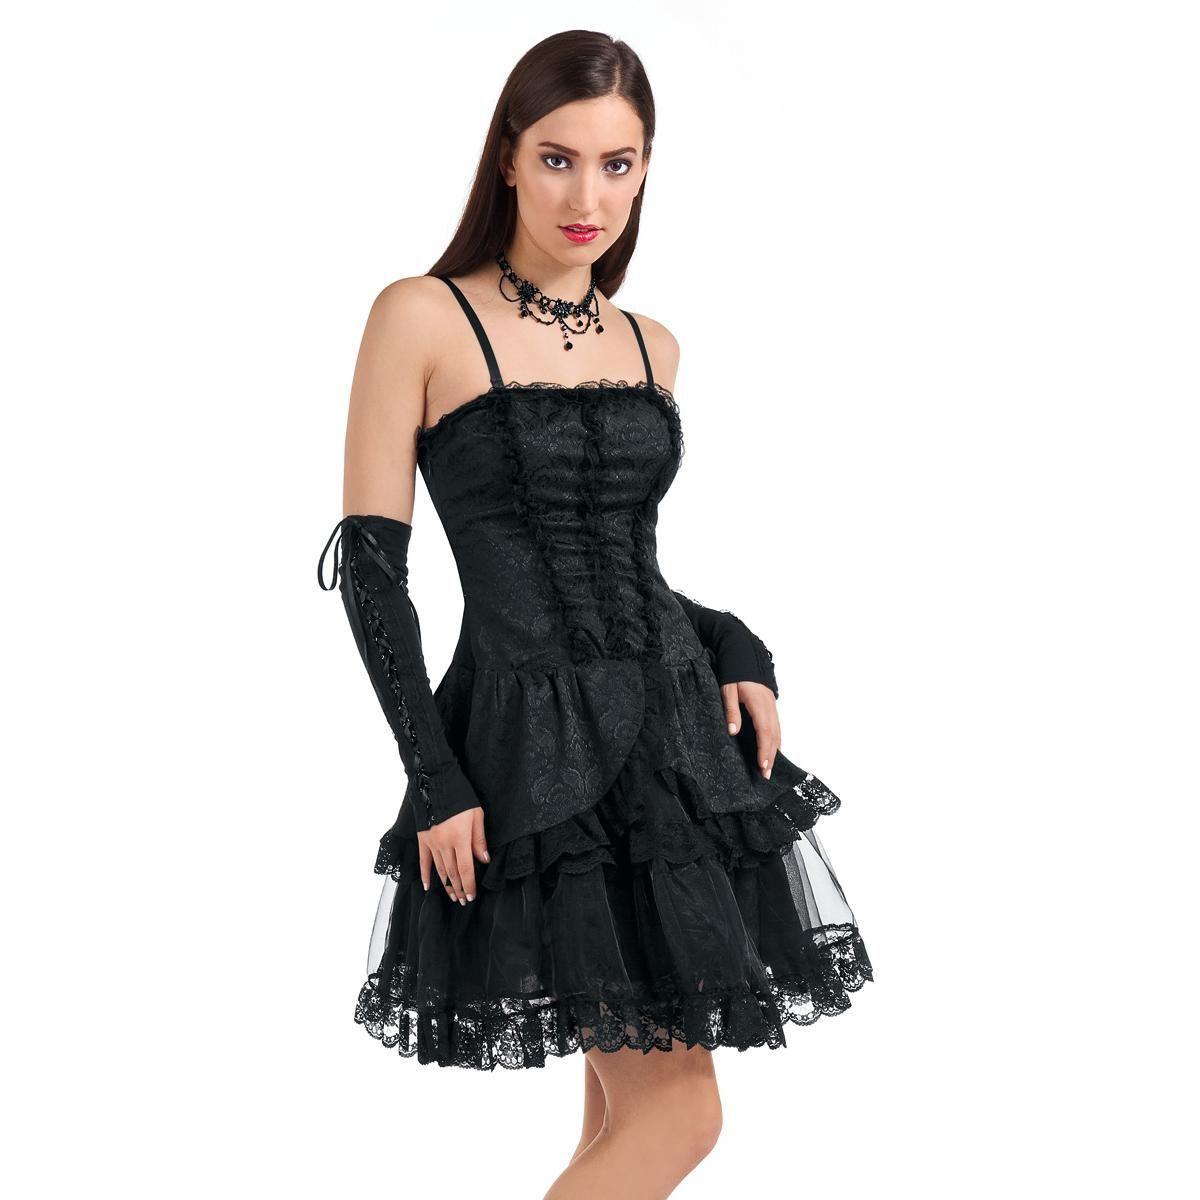 Goth fashion velvet gothic dress von queen of darkness dresses